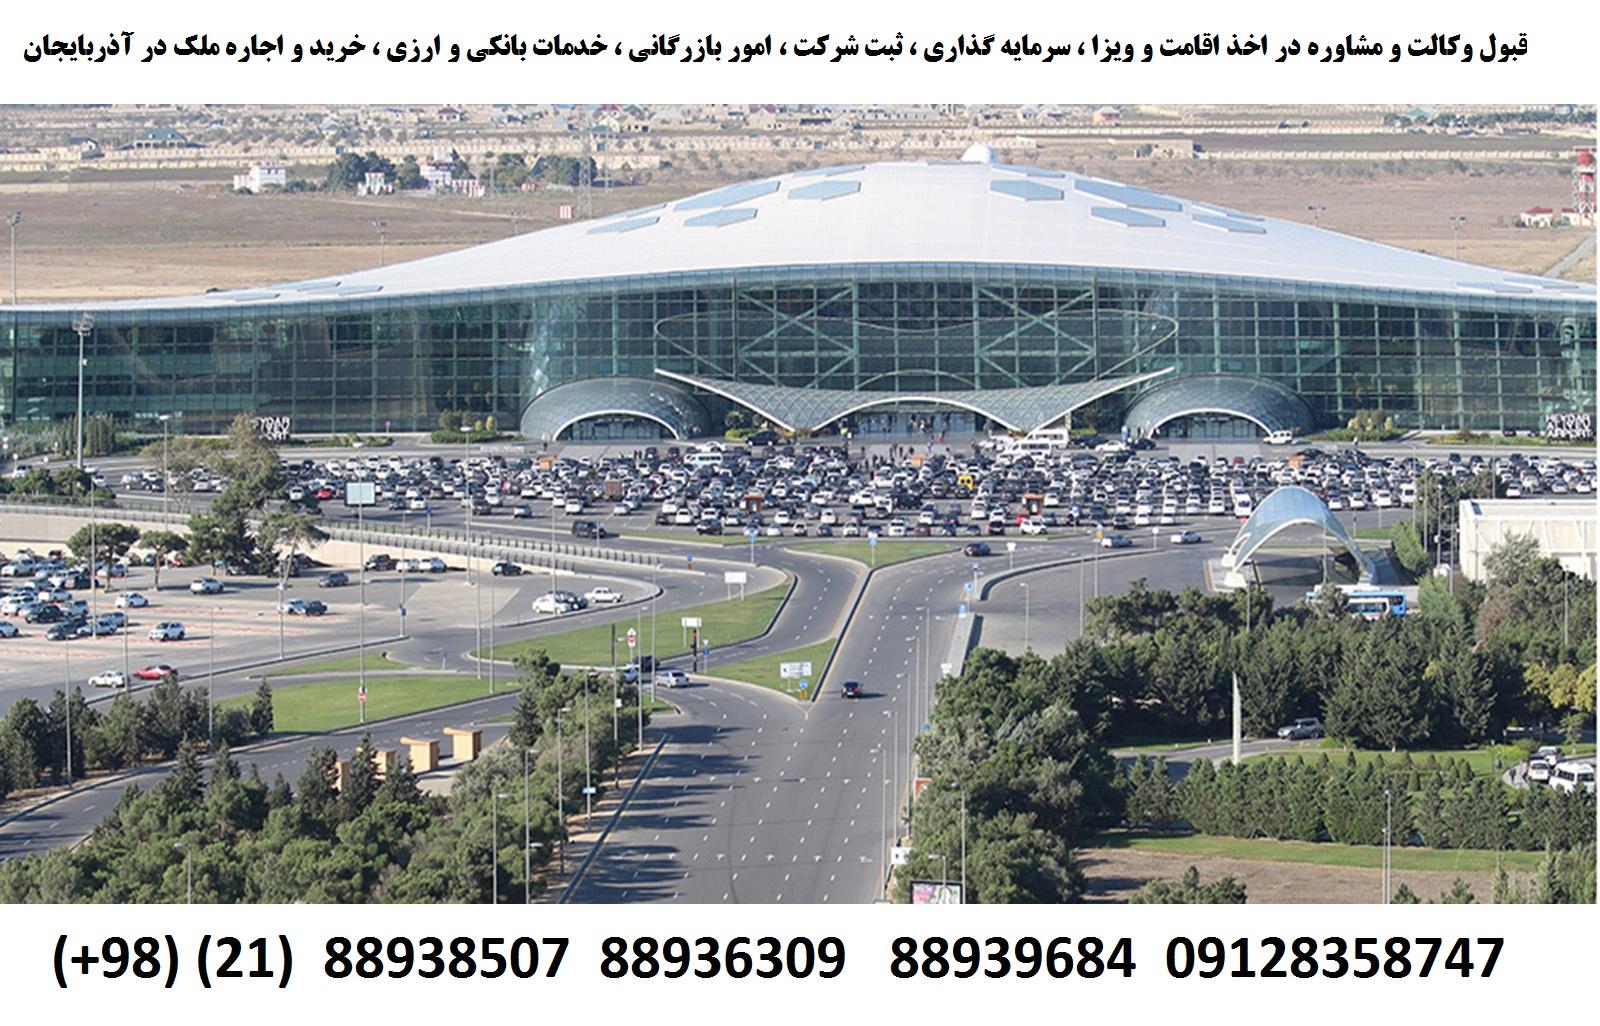 اقامت ، ویزا ، ثبت شرکت ، سرمایه گذاری در آذربایجان (7)